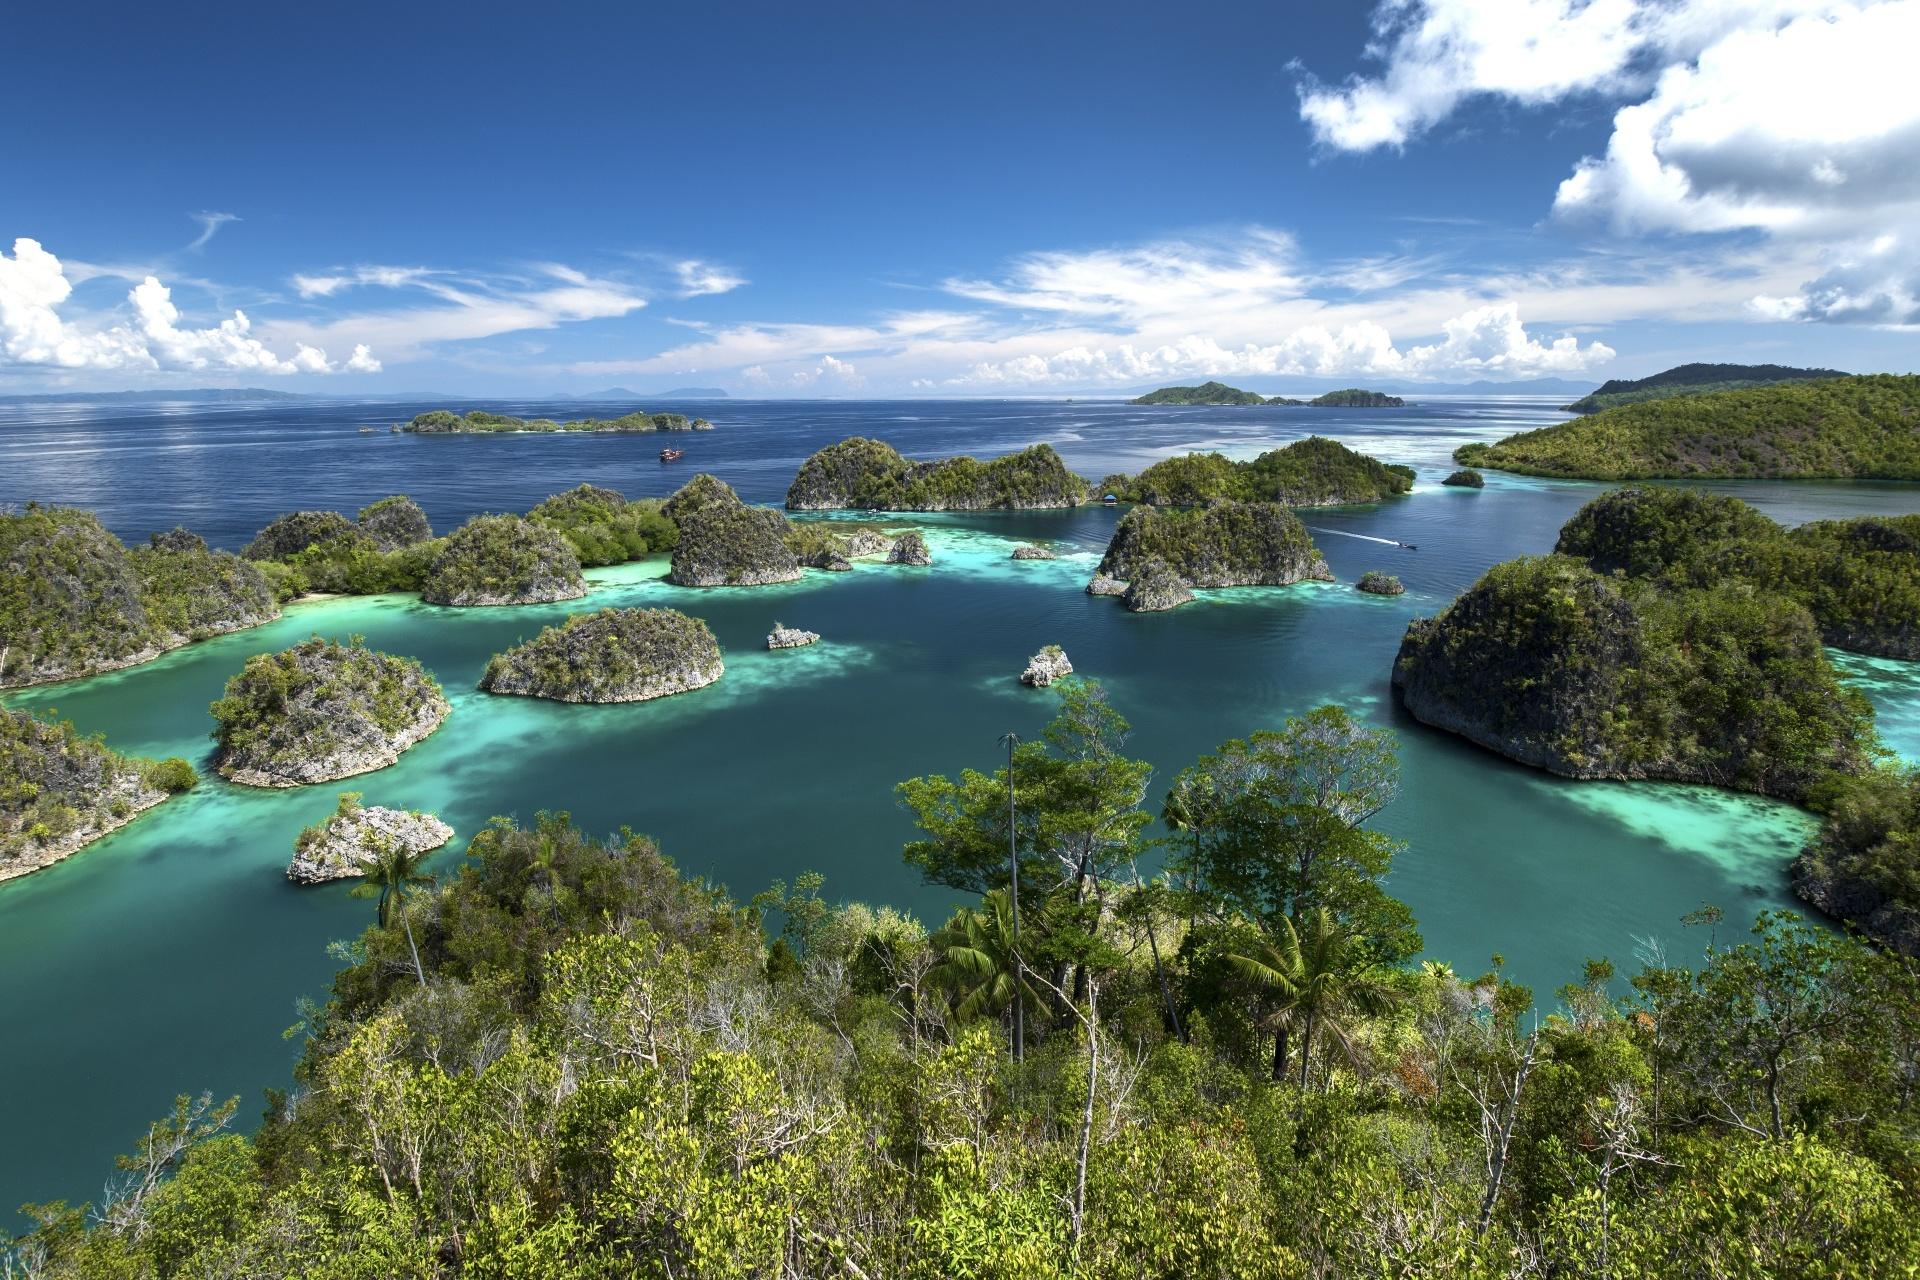 ラジャ・アンパット諸島の風景 インドネシアの風景